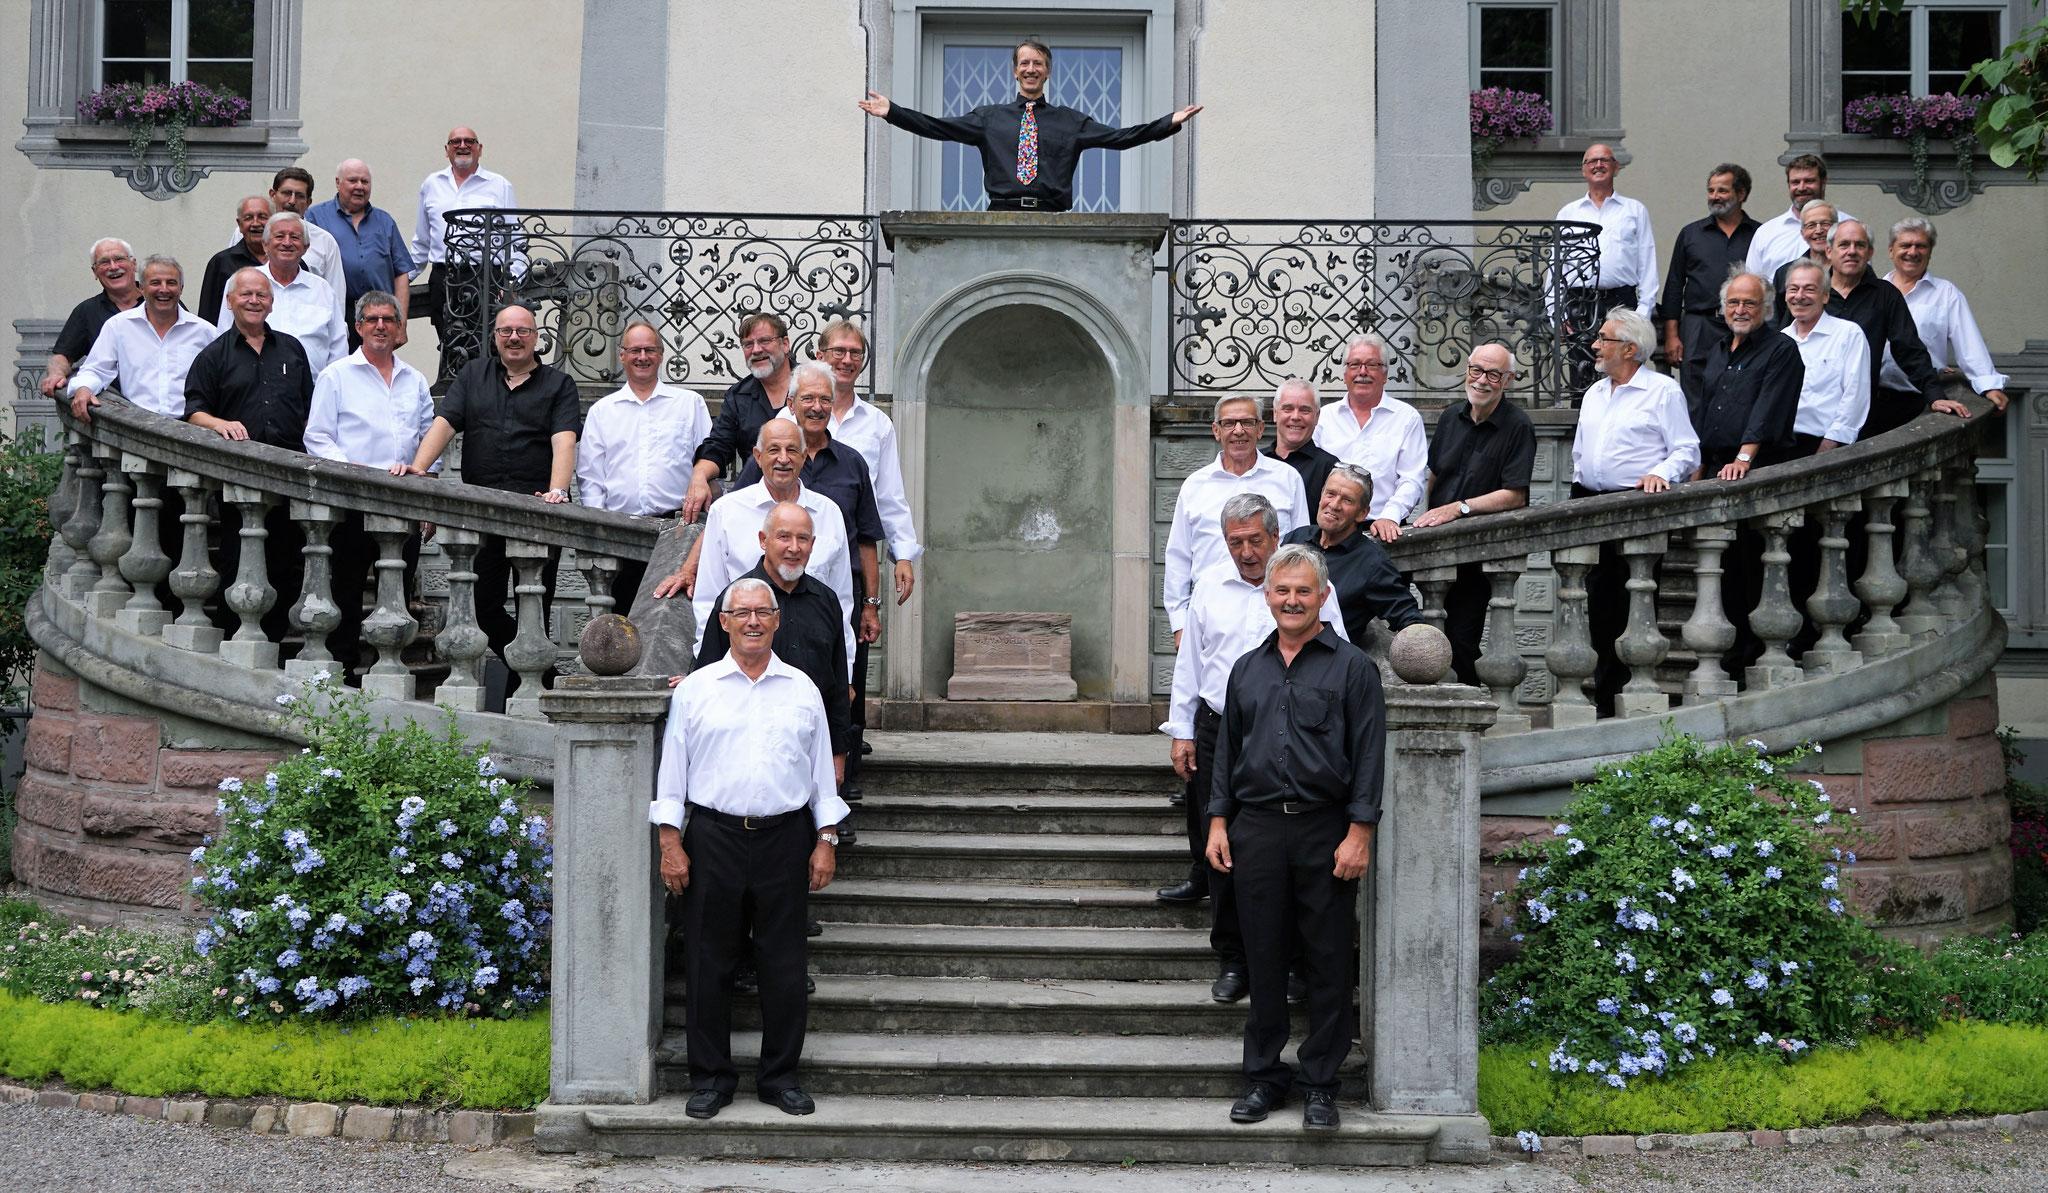 MCB (schwarze Hemden) zusammen mit dem MC-Frick::am 8.7.2017 in Stein Säckingen(D)